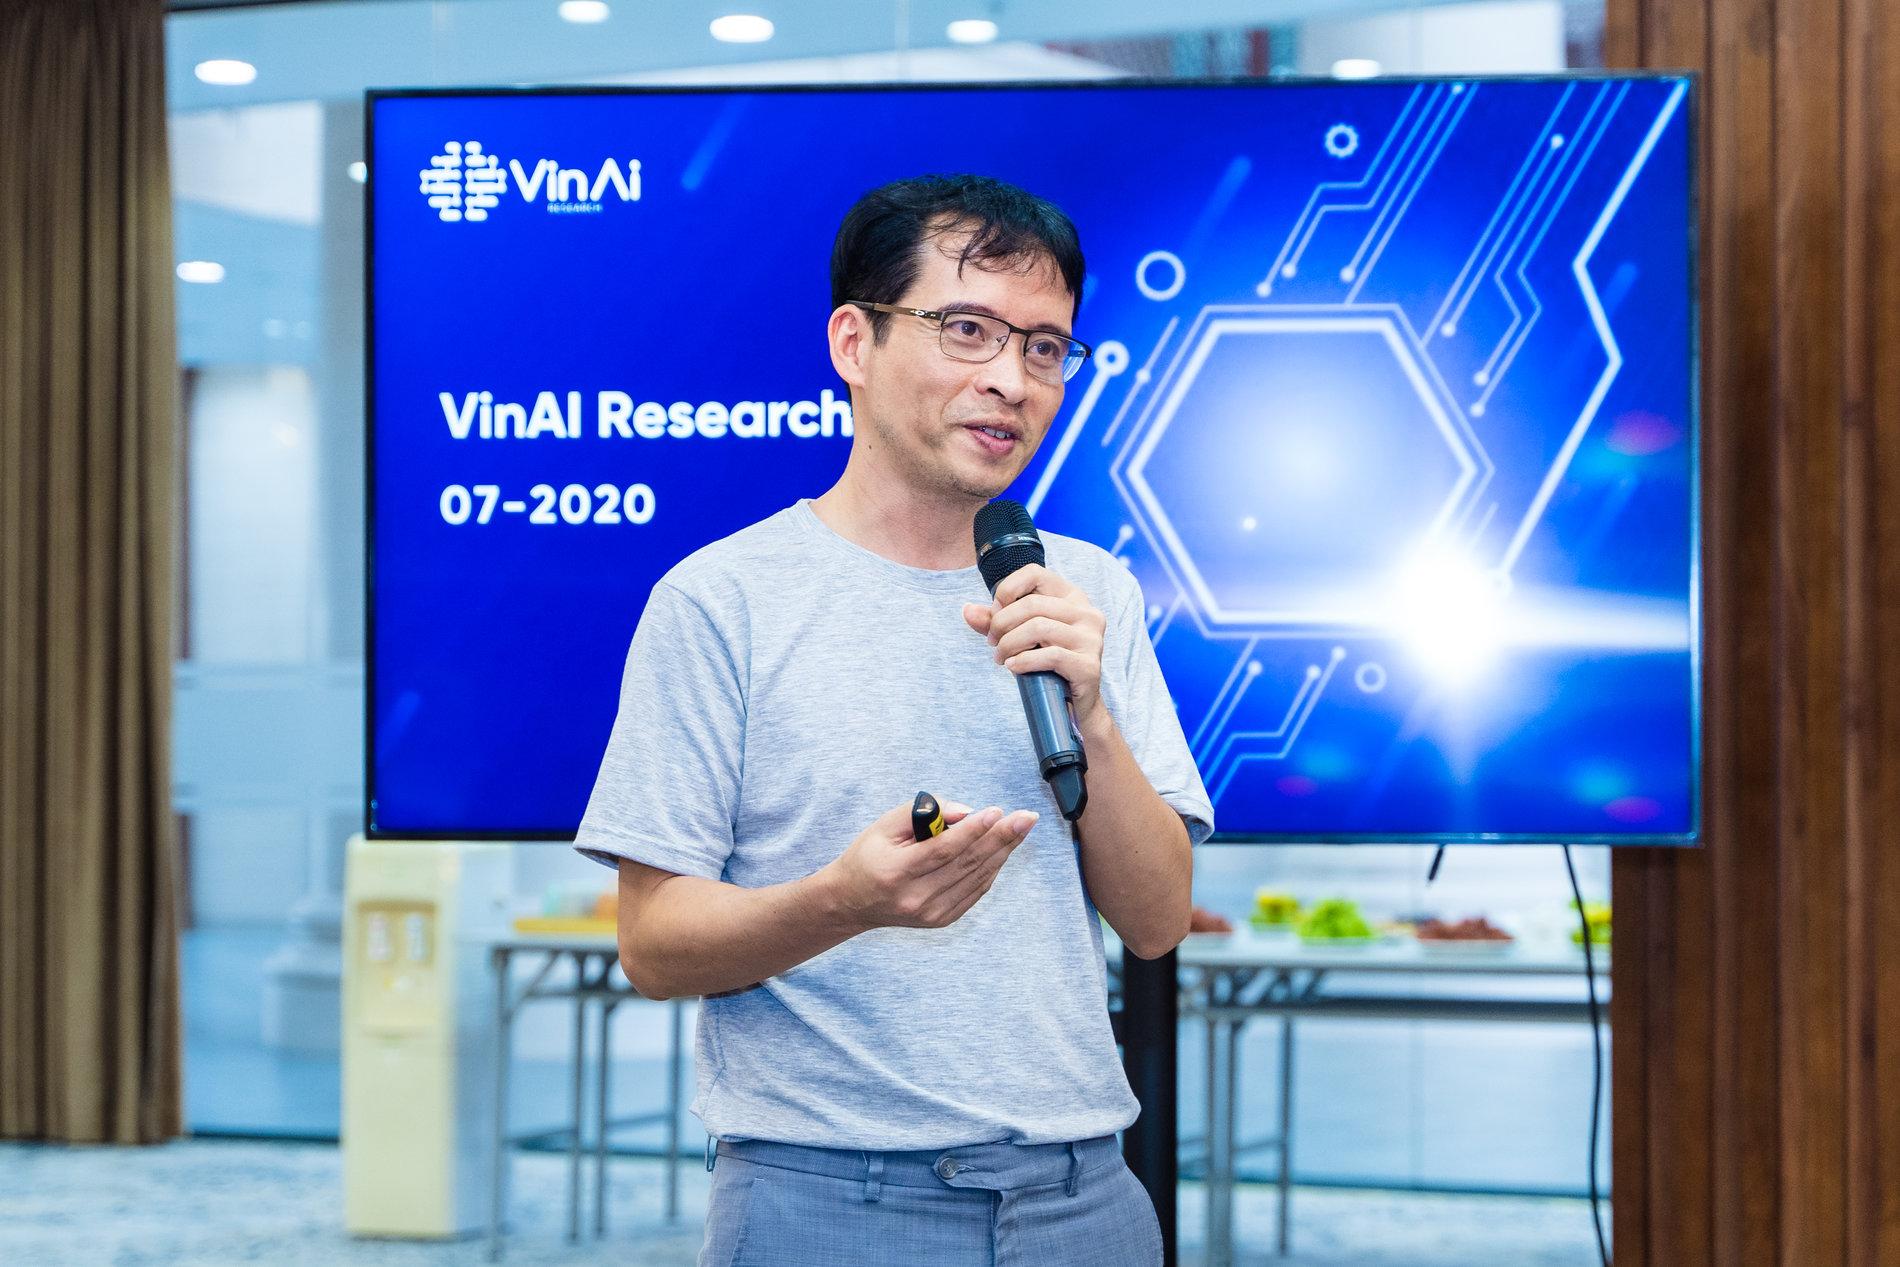 Vingroup vào top 30 tại hội nghị quốc tế về máy học ICML 2020  - Ảnh 2